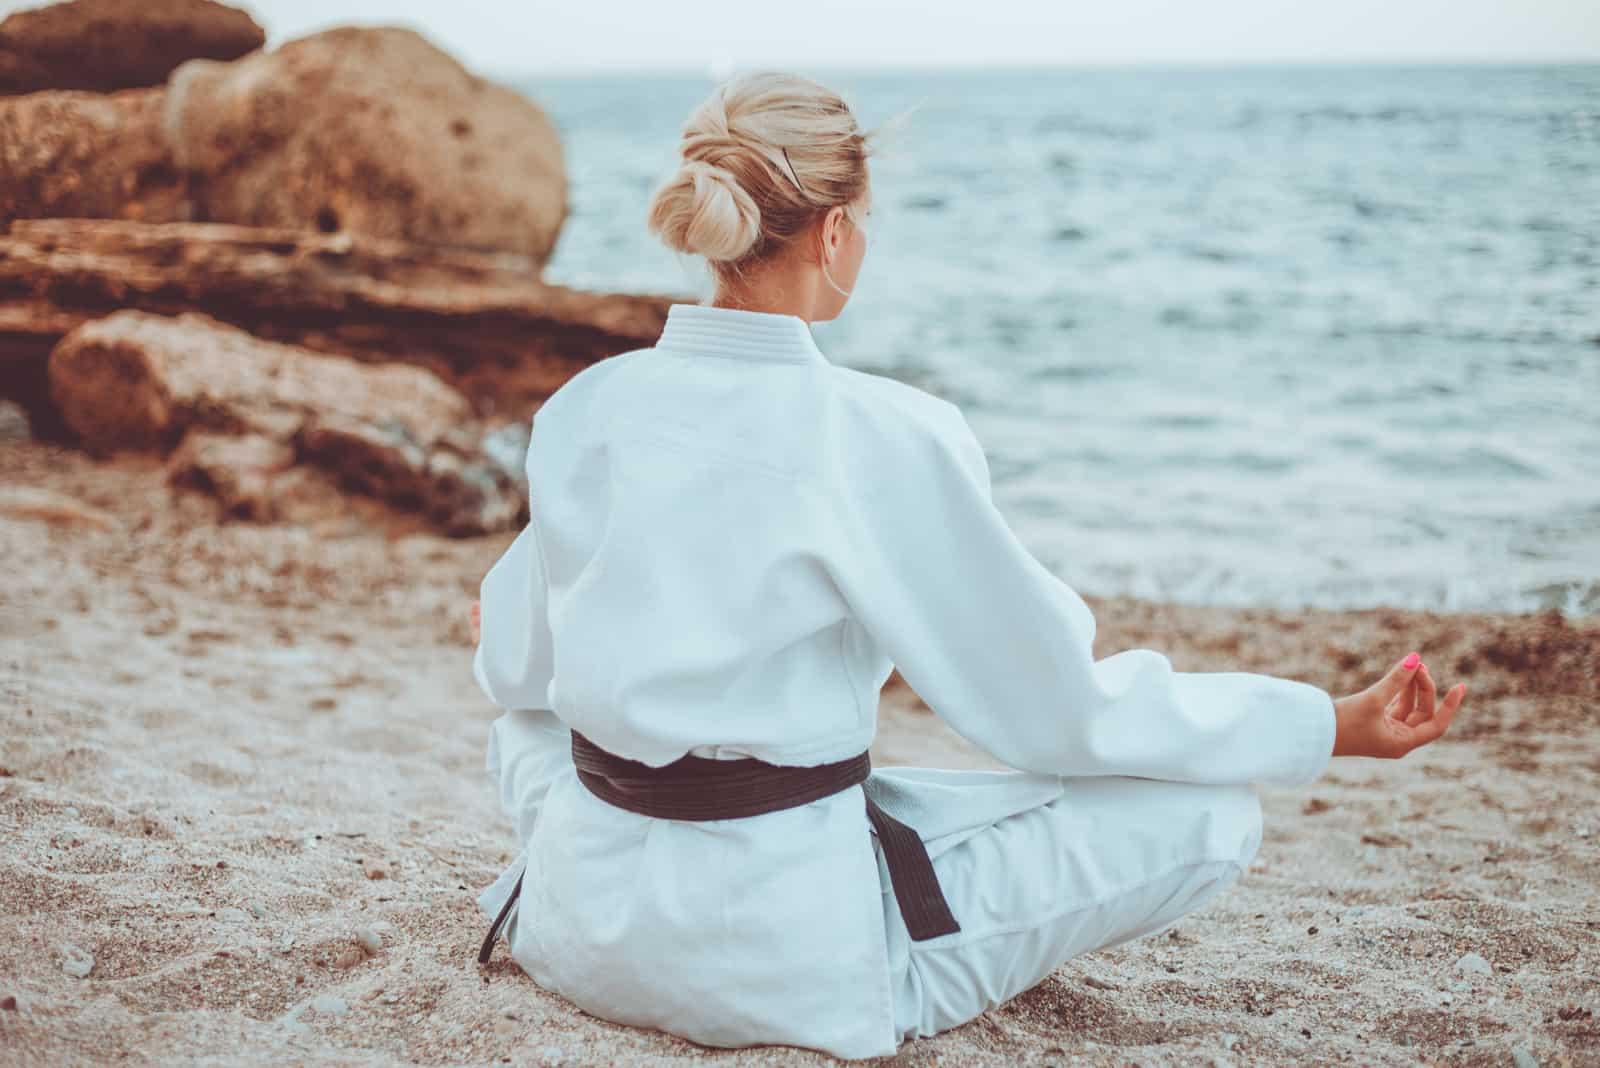 attractive karate woman in white kimono